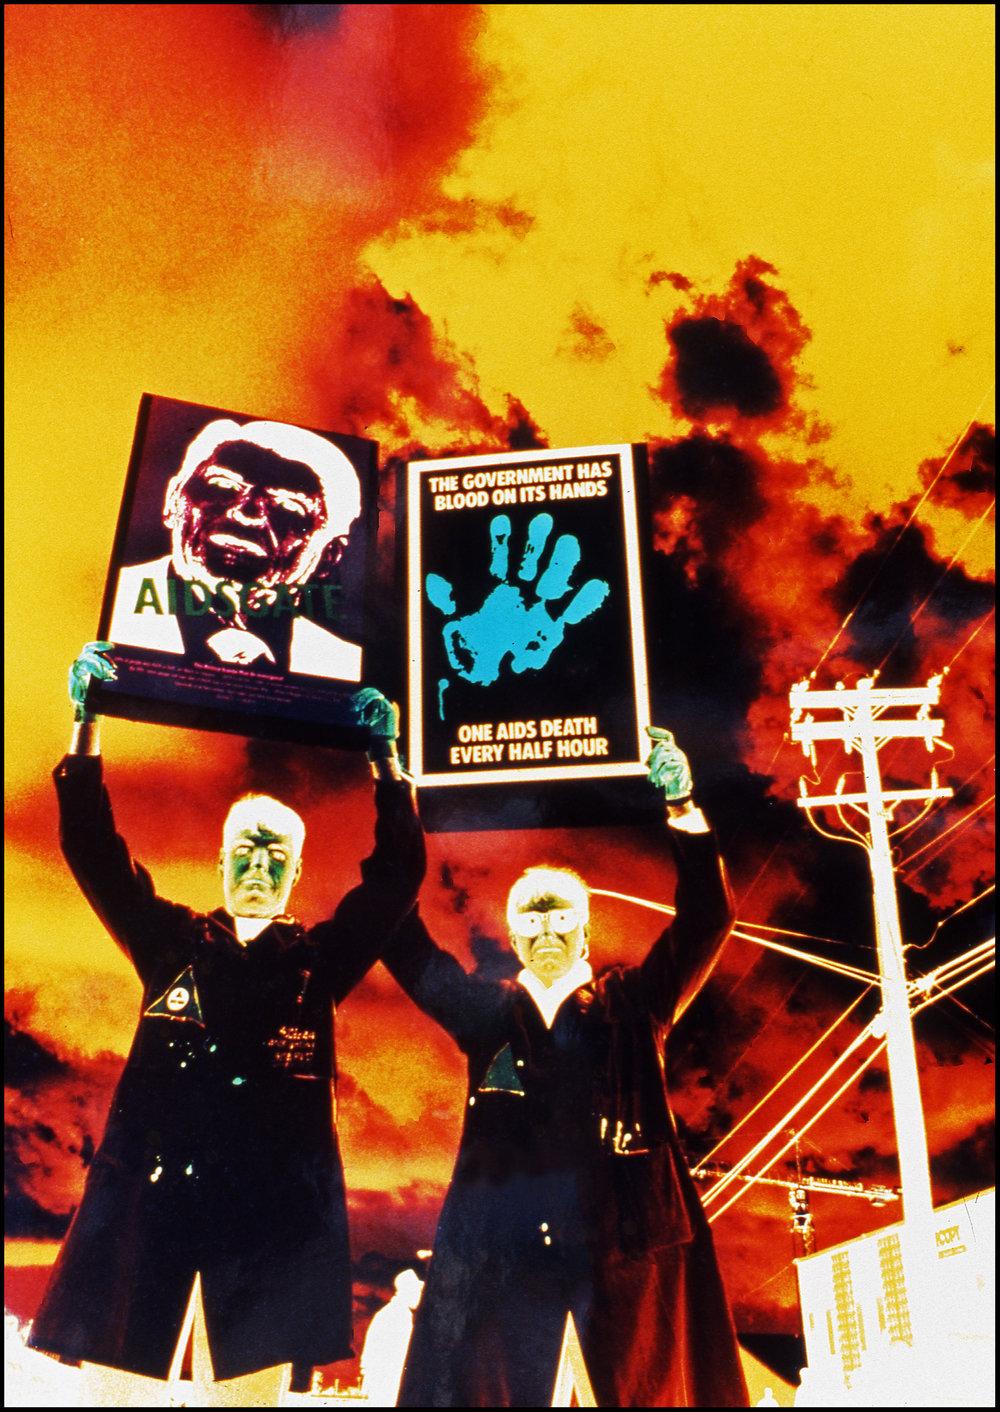 NHS - ACT UP Demo, circa '89